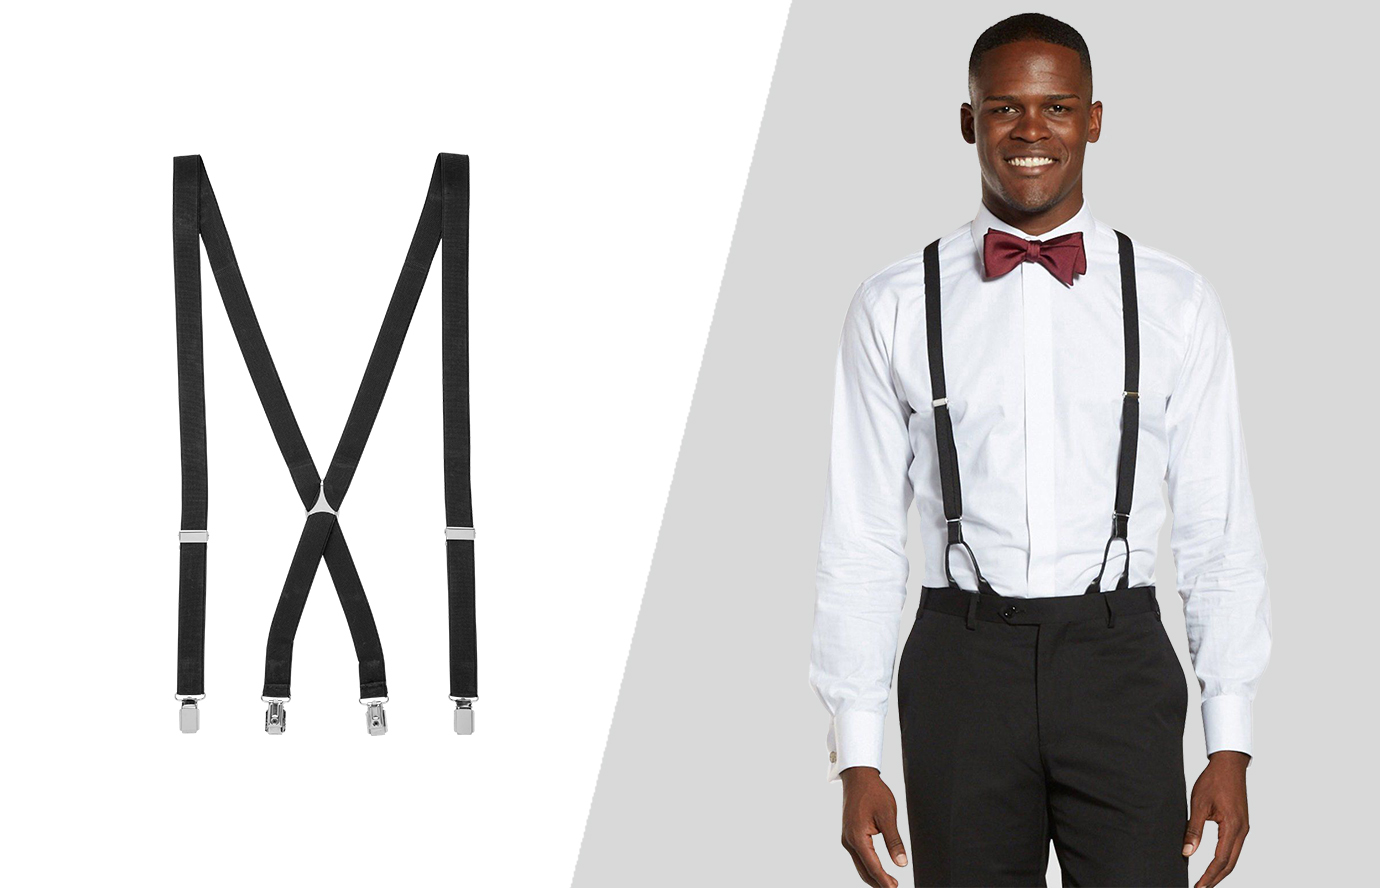 suit accessories: the suspenders